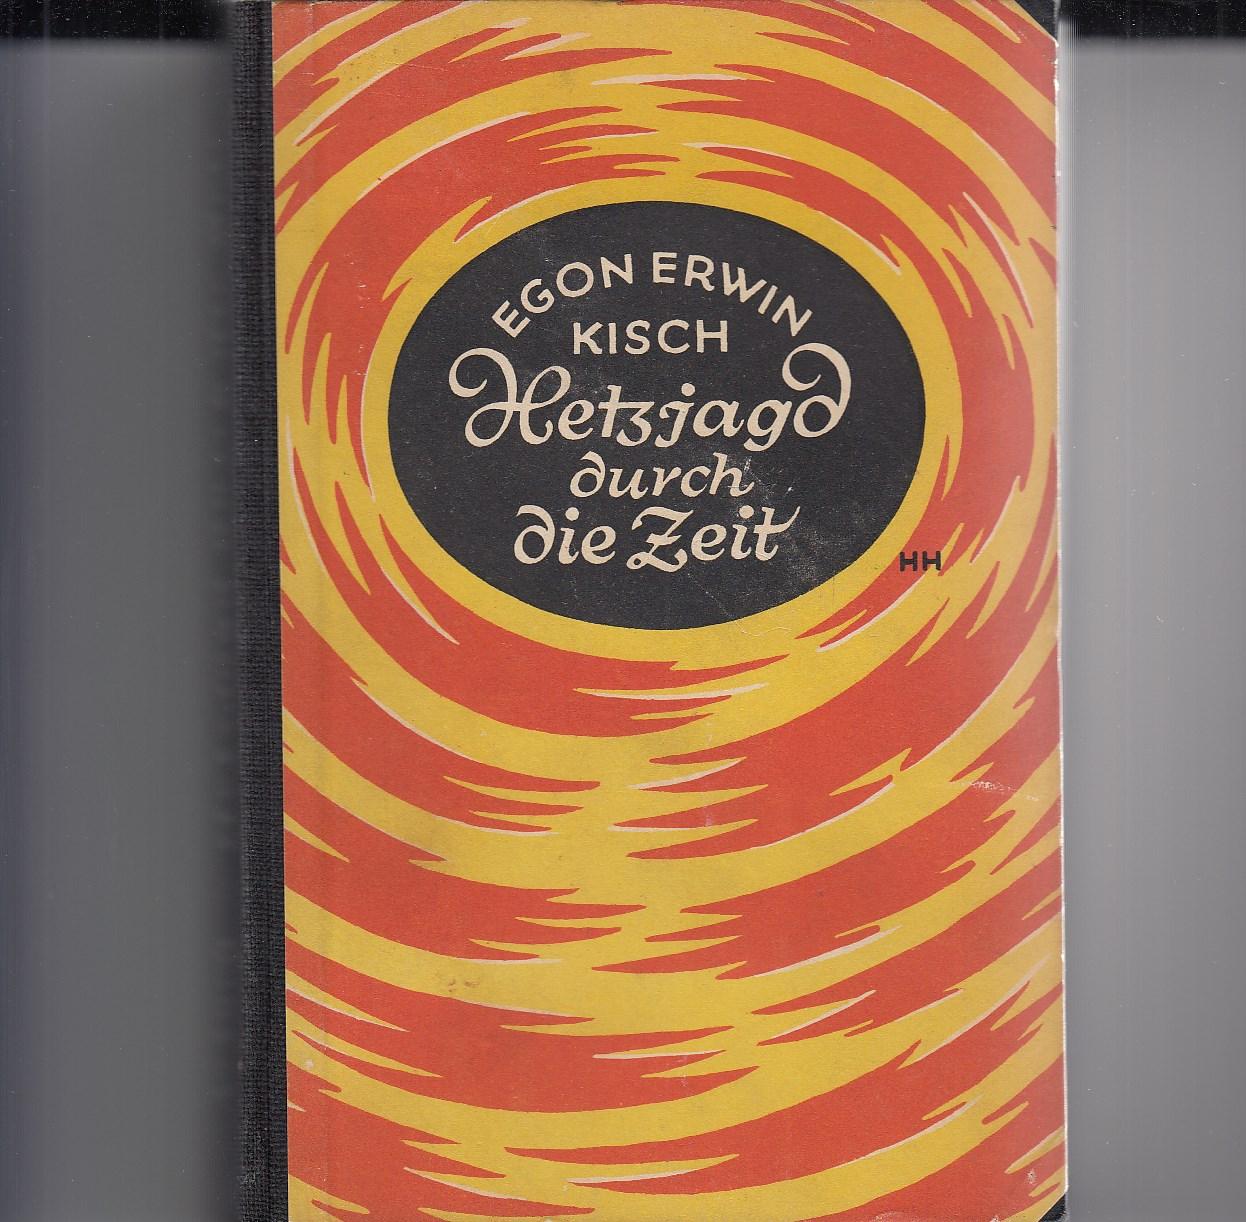 KISCH, Egon Erwin. Hetzjagd durch die Zeit.